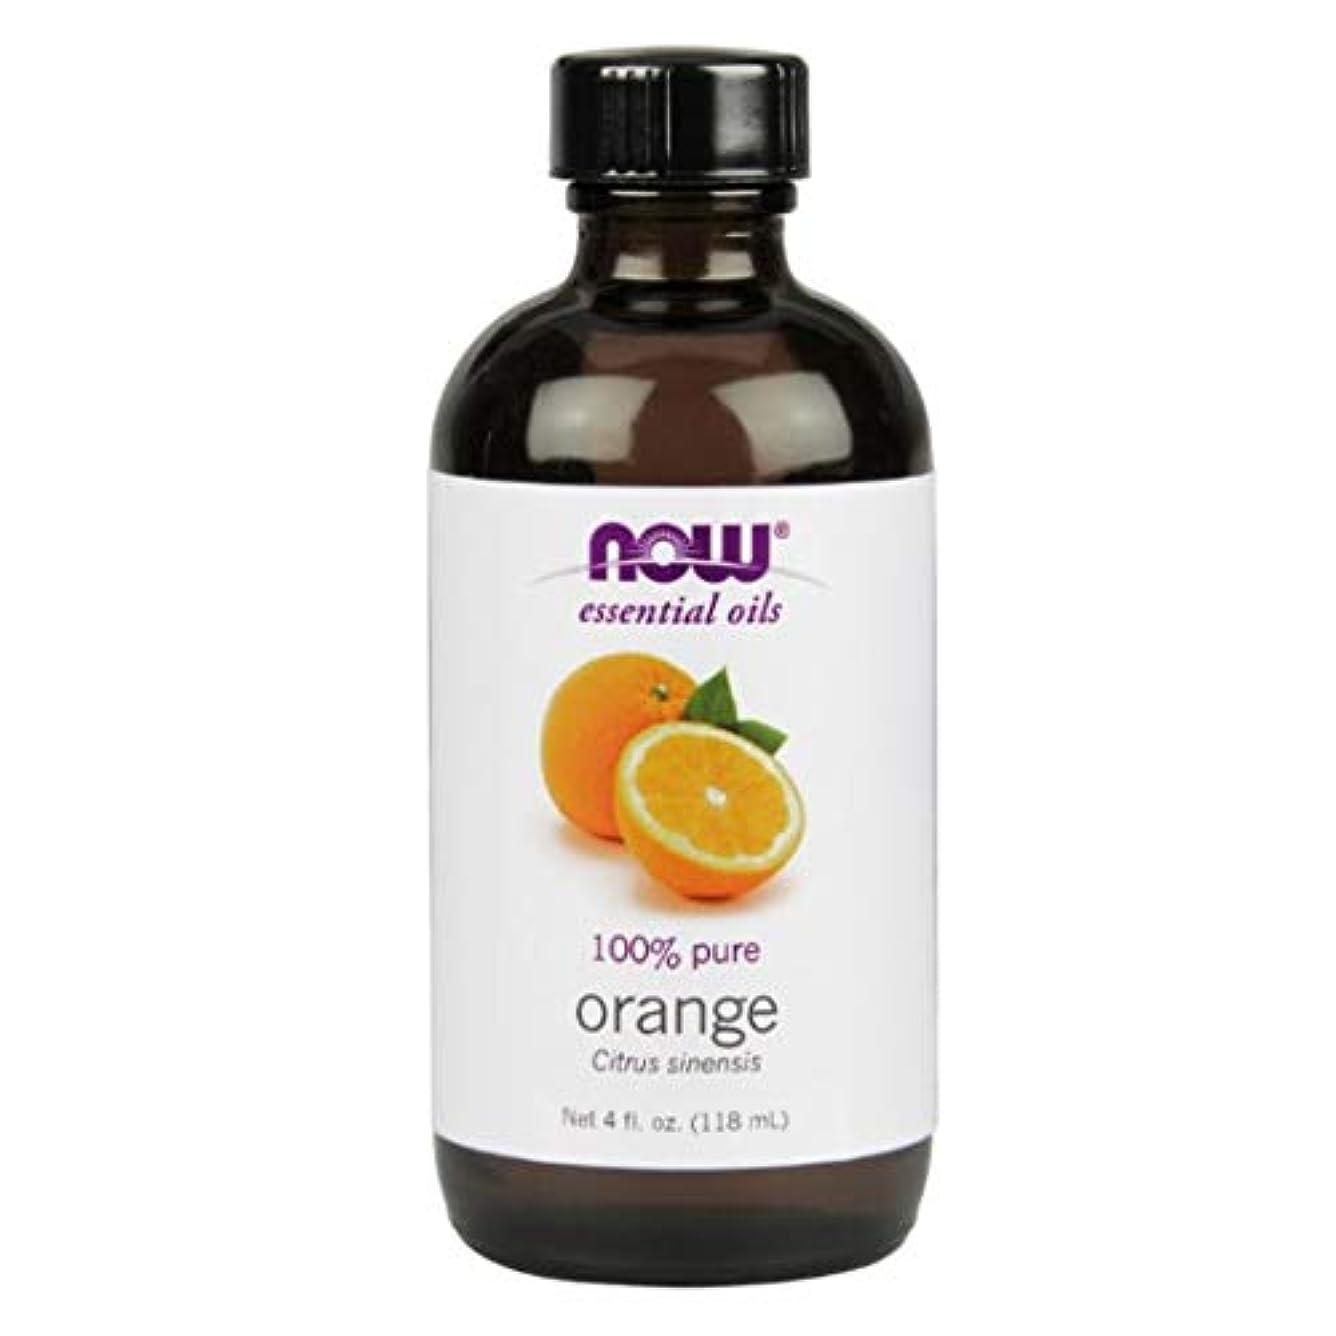 リード天才実証するNow - Orange Oil 100% Pure 4 oz (118 ml) [並行輸入品]